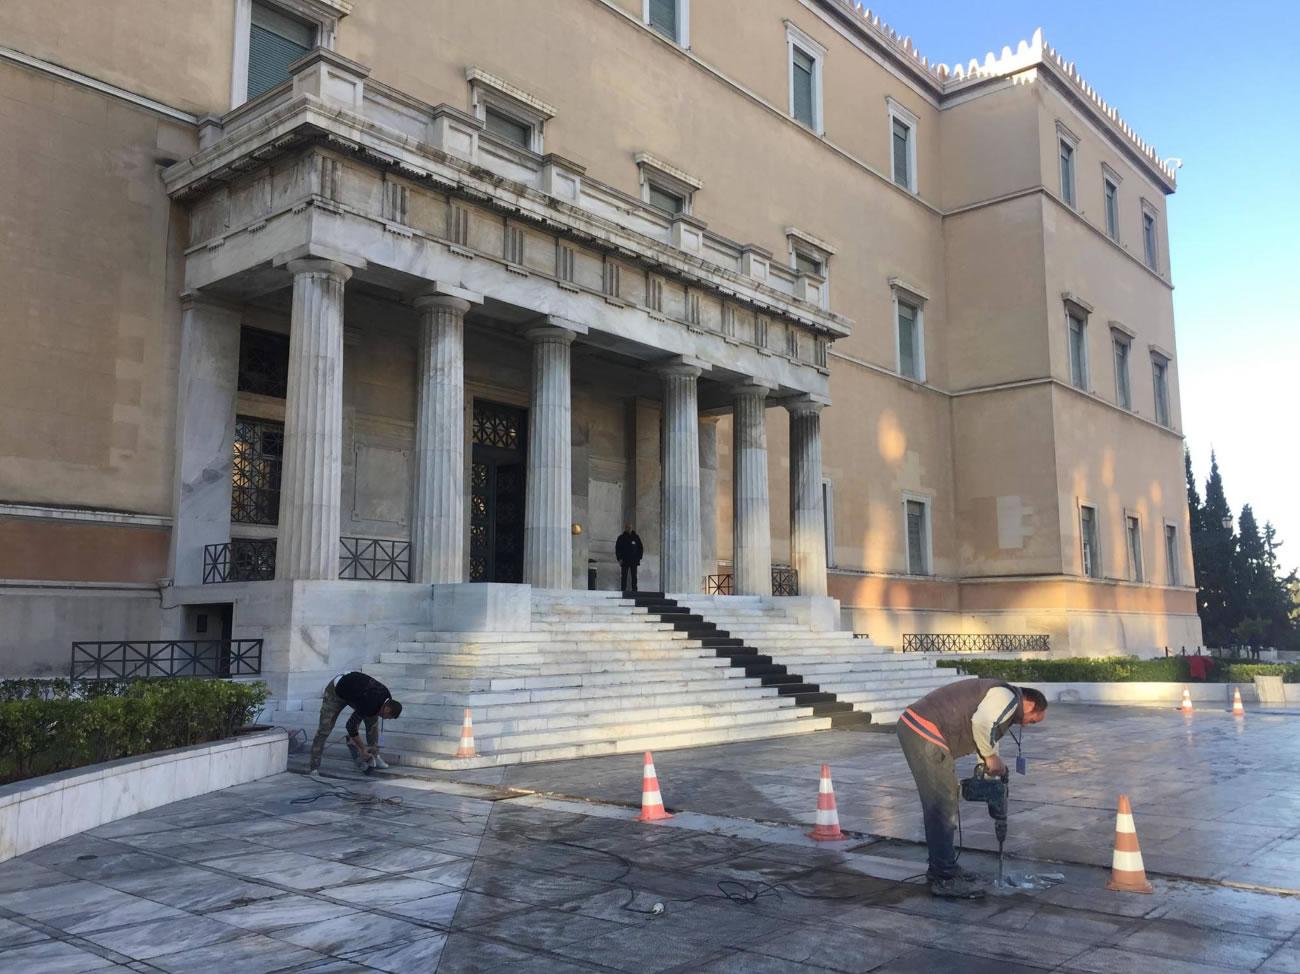 Επεμβάσεις στον περιβάλλοντα χώρο της Βουλής των Ελλήνων